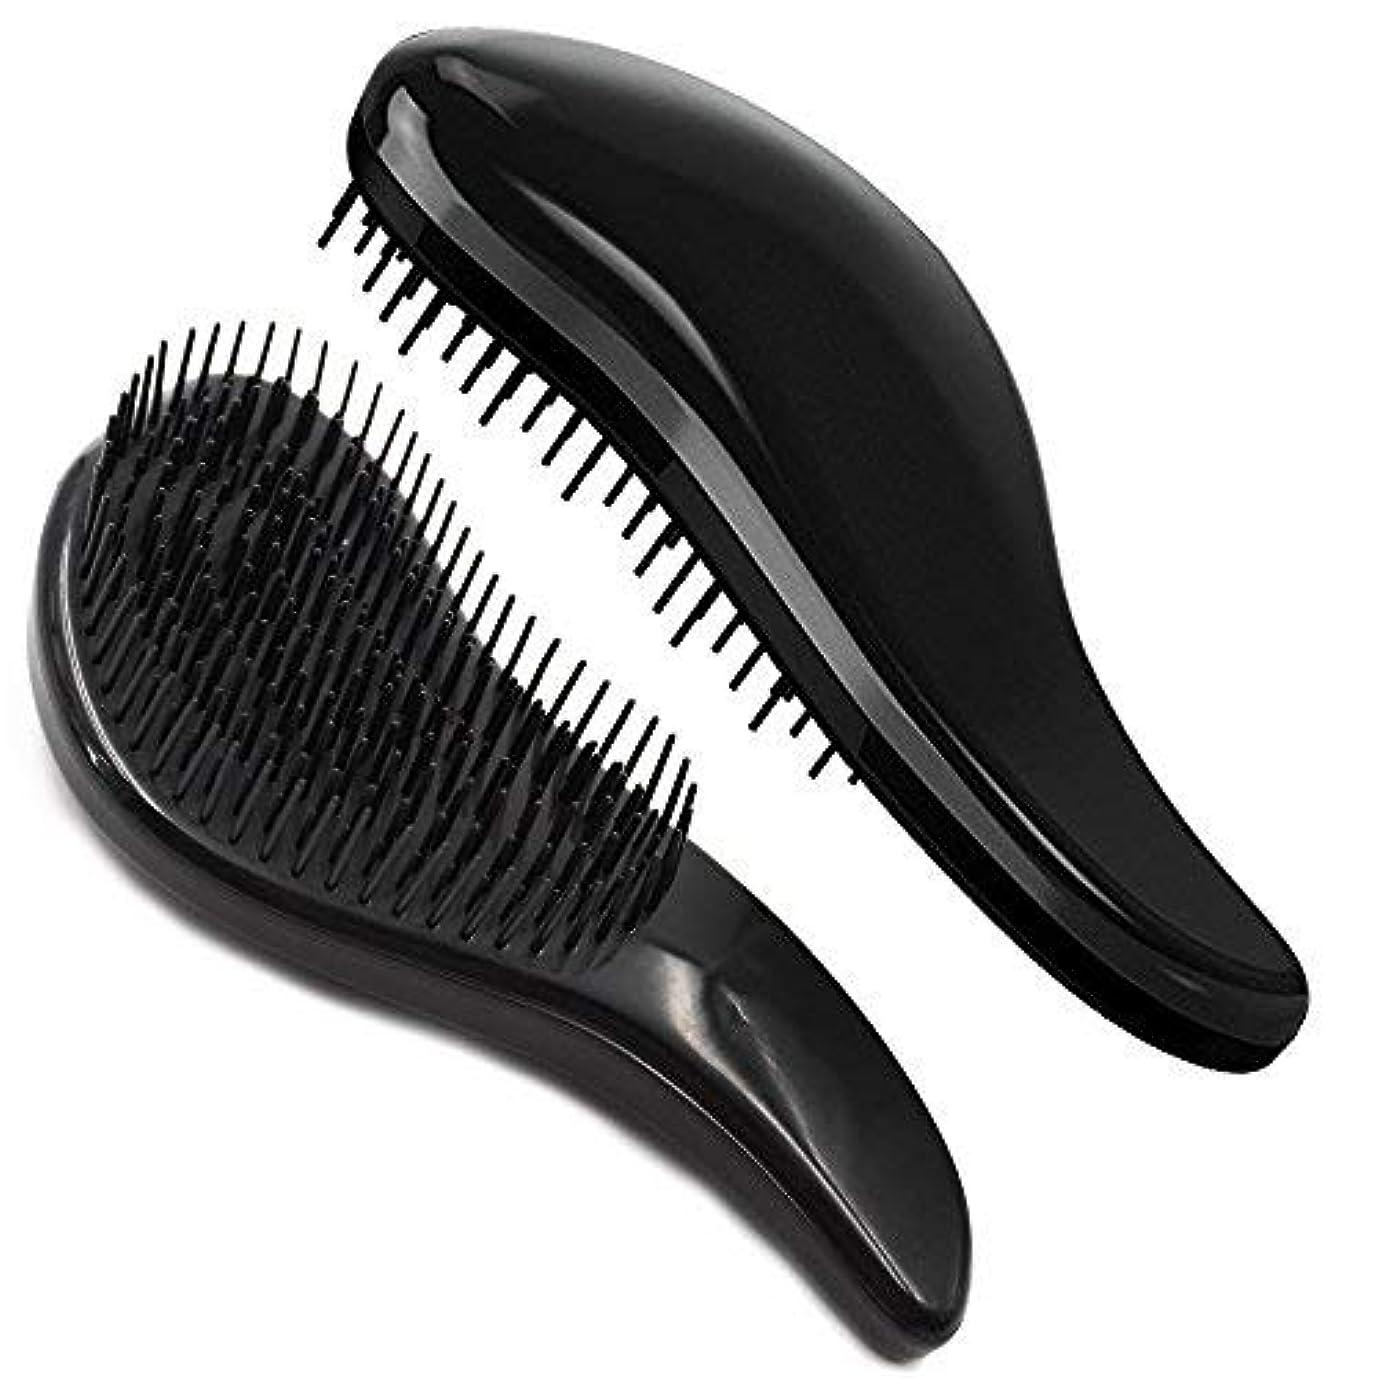 満足させる純粋な破壊Brush Master Detangler Hair Comb Hair Brush for Wet Hair Curly Hair Straight Hair for Women Men Kids Black [並行輸入品]